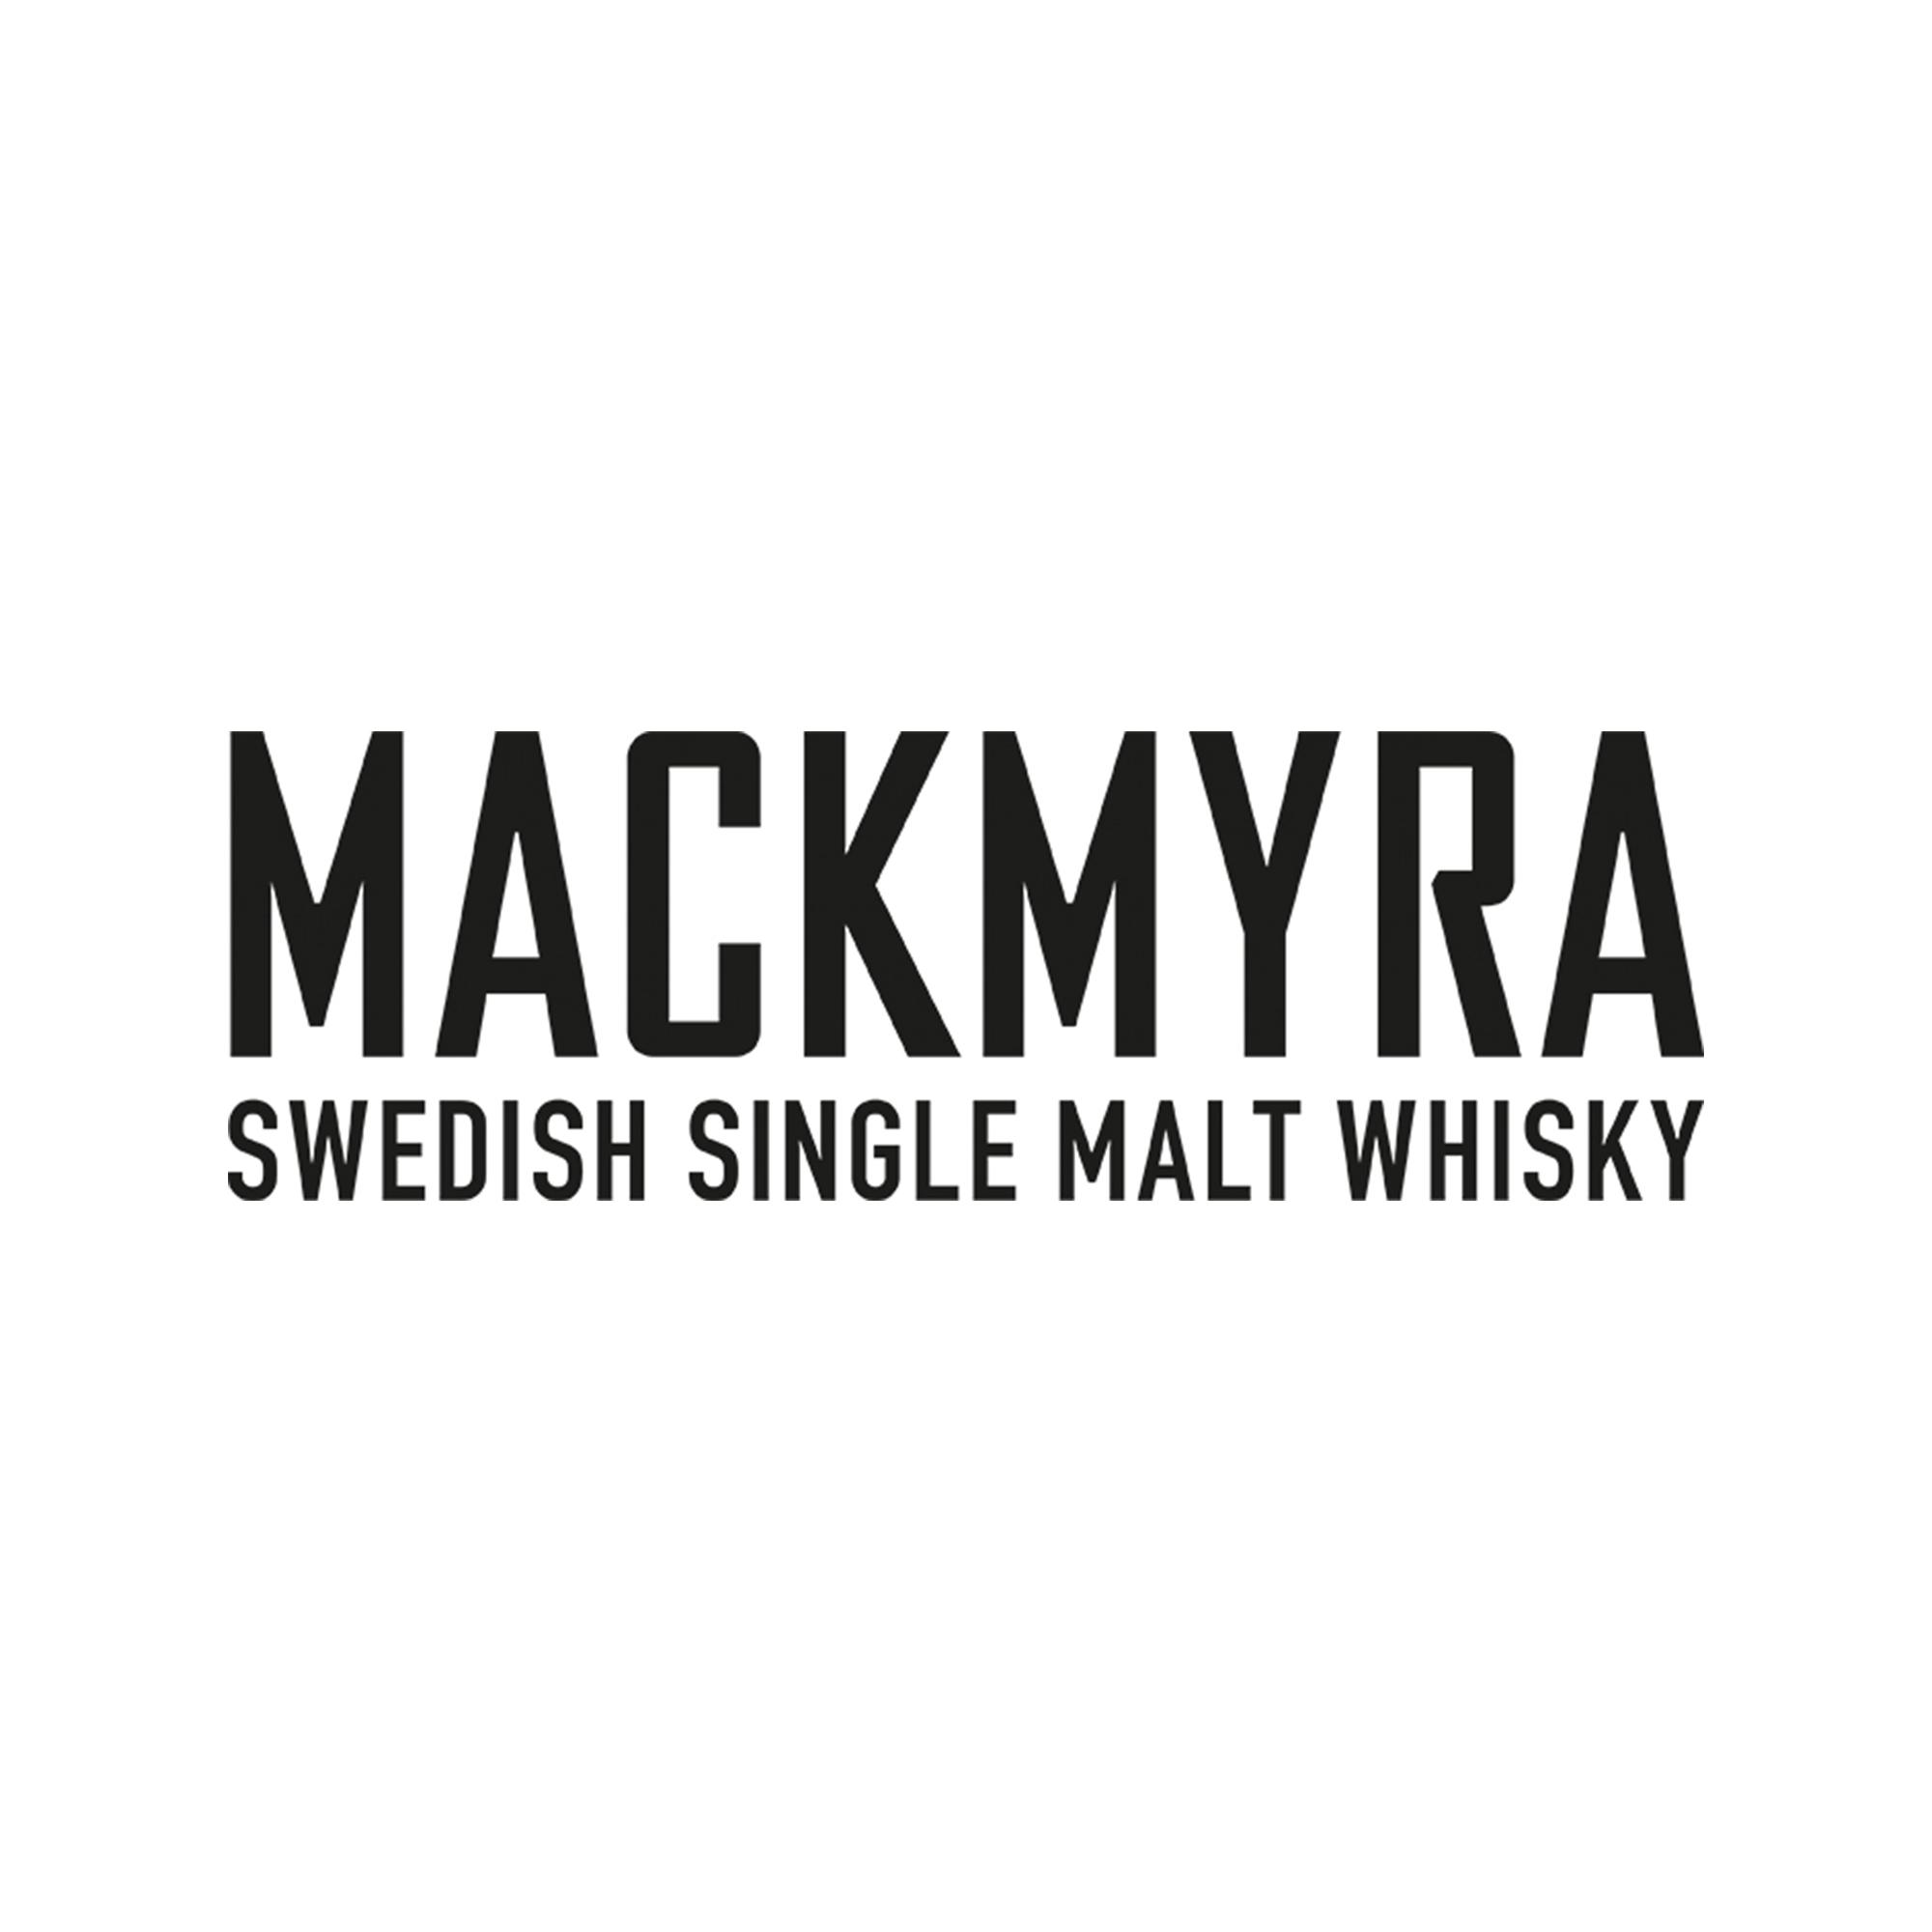 Mackmyra vit.jpg